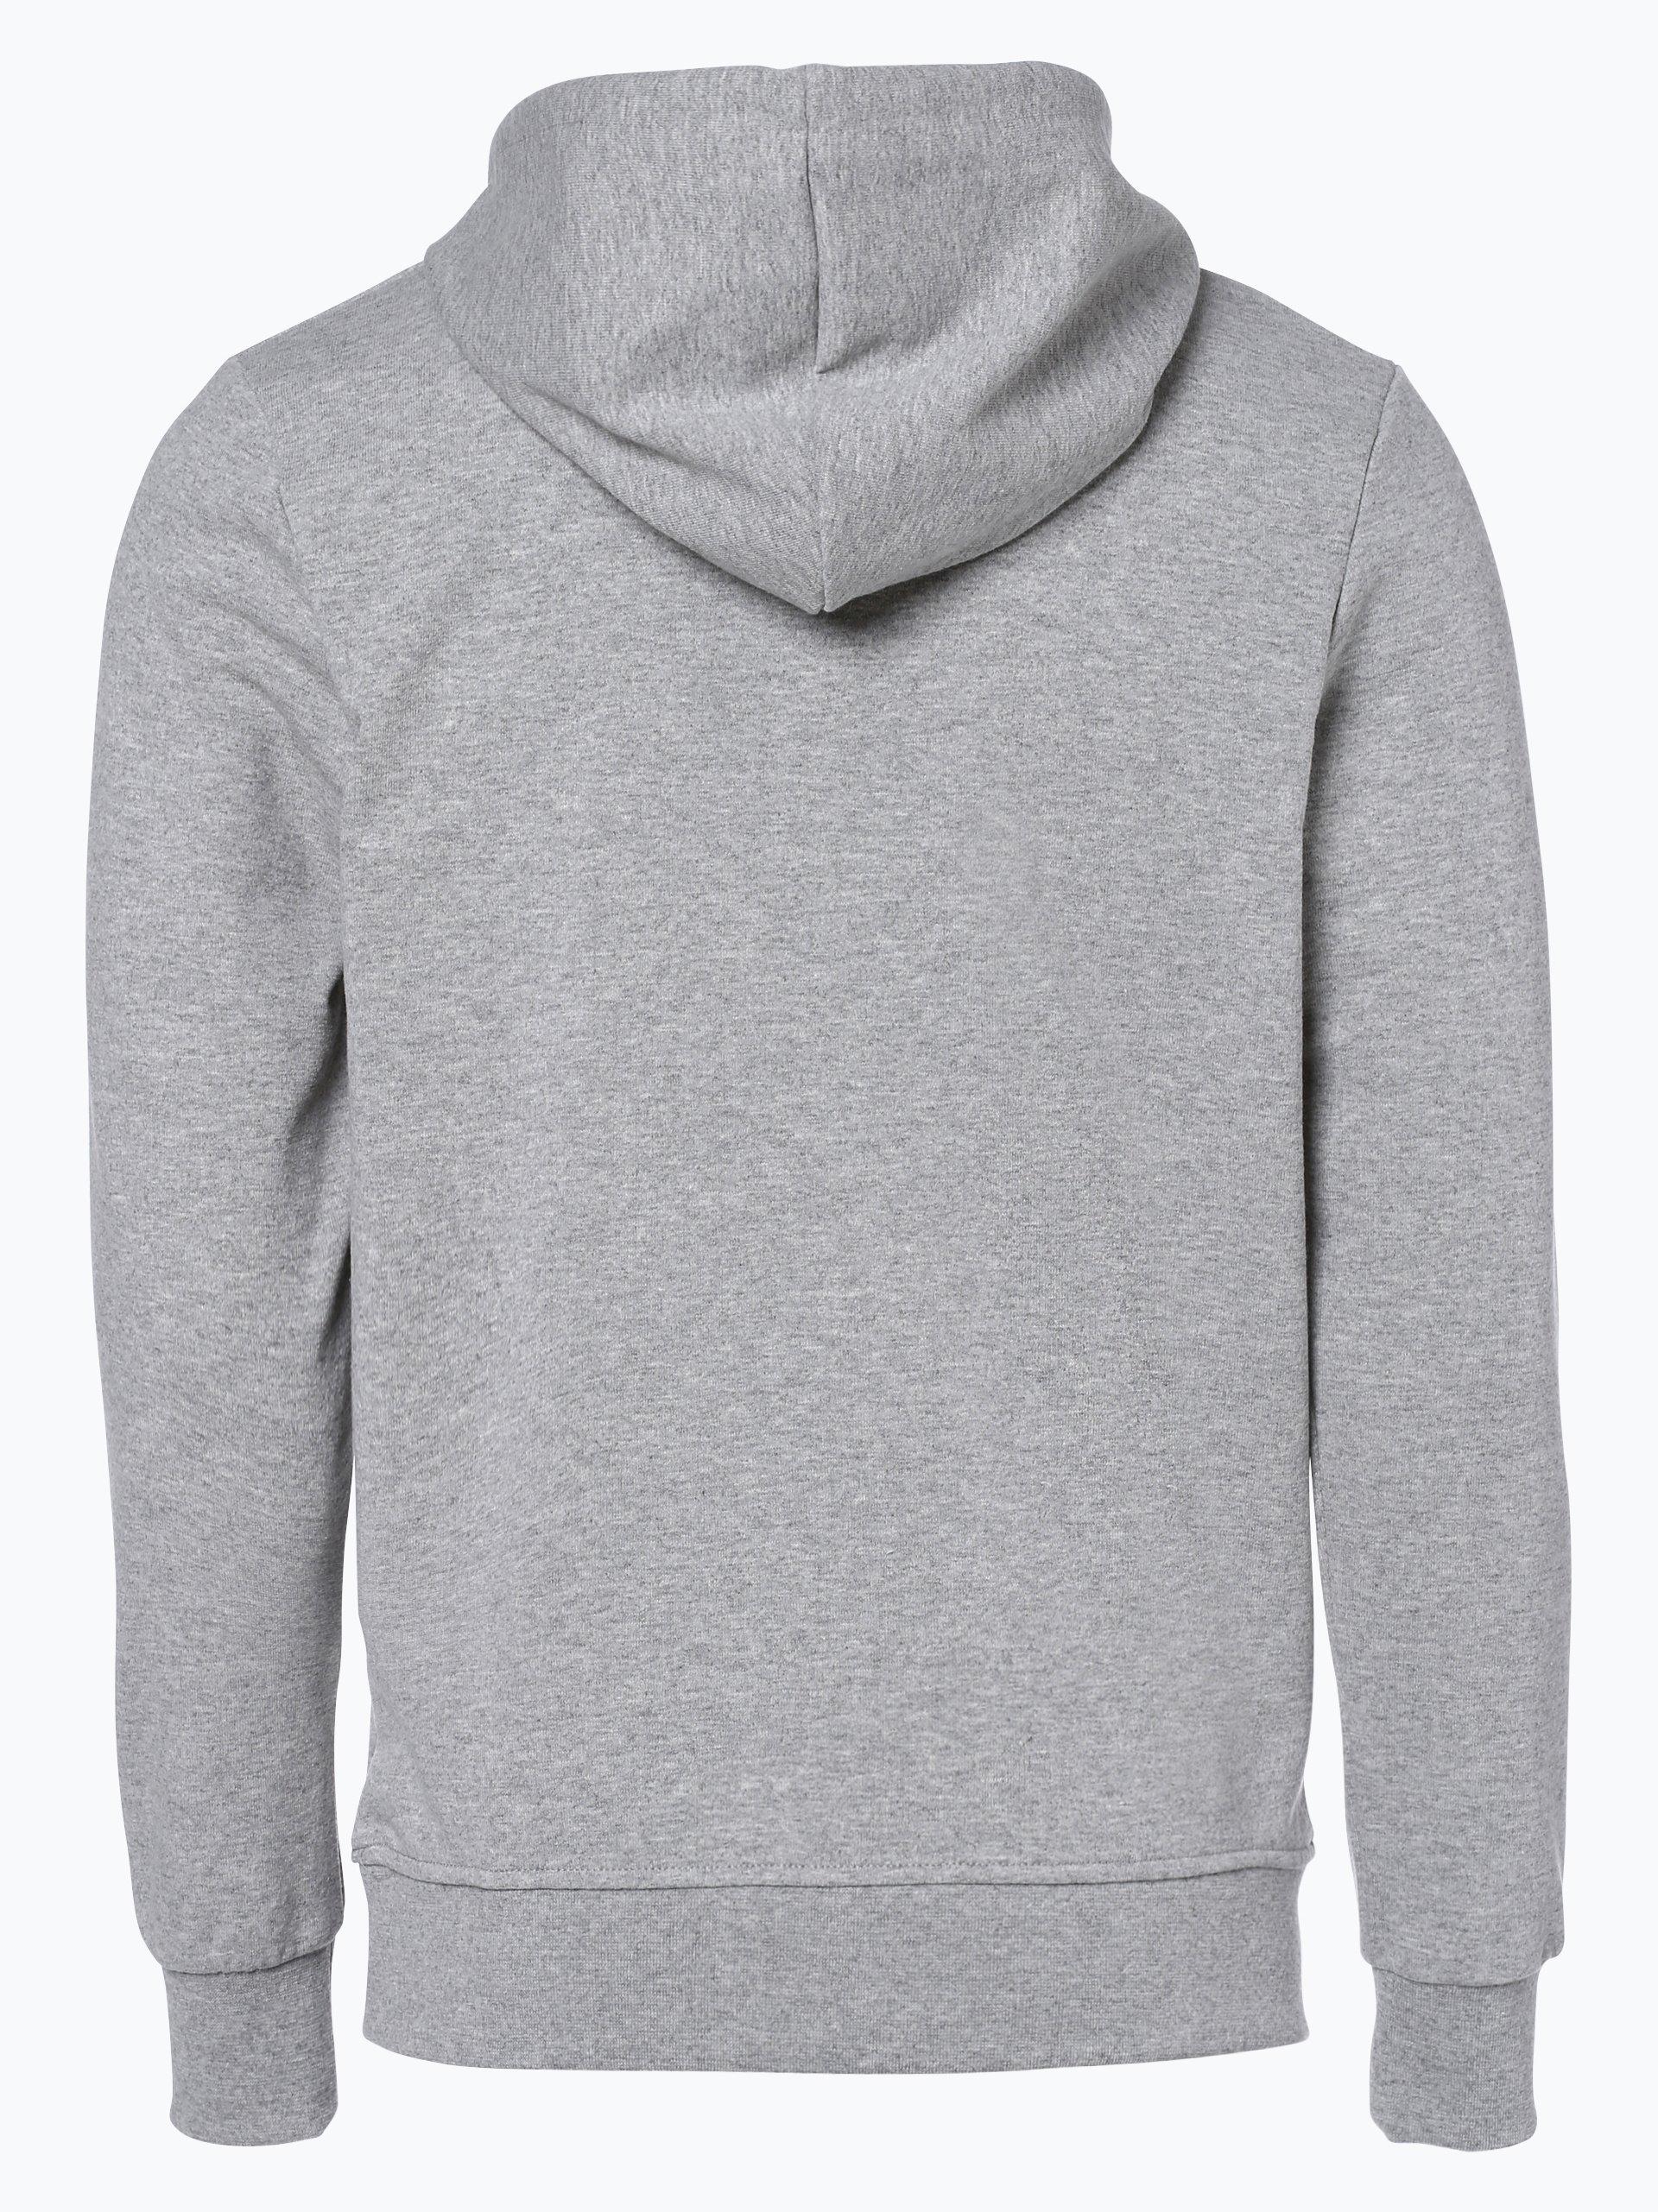 jack jones herren sweatshirt grau gemustert online. Black Bedroom Furniture Sets. Home Design Ideas